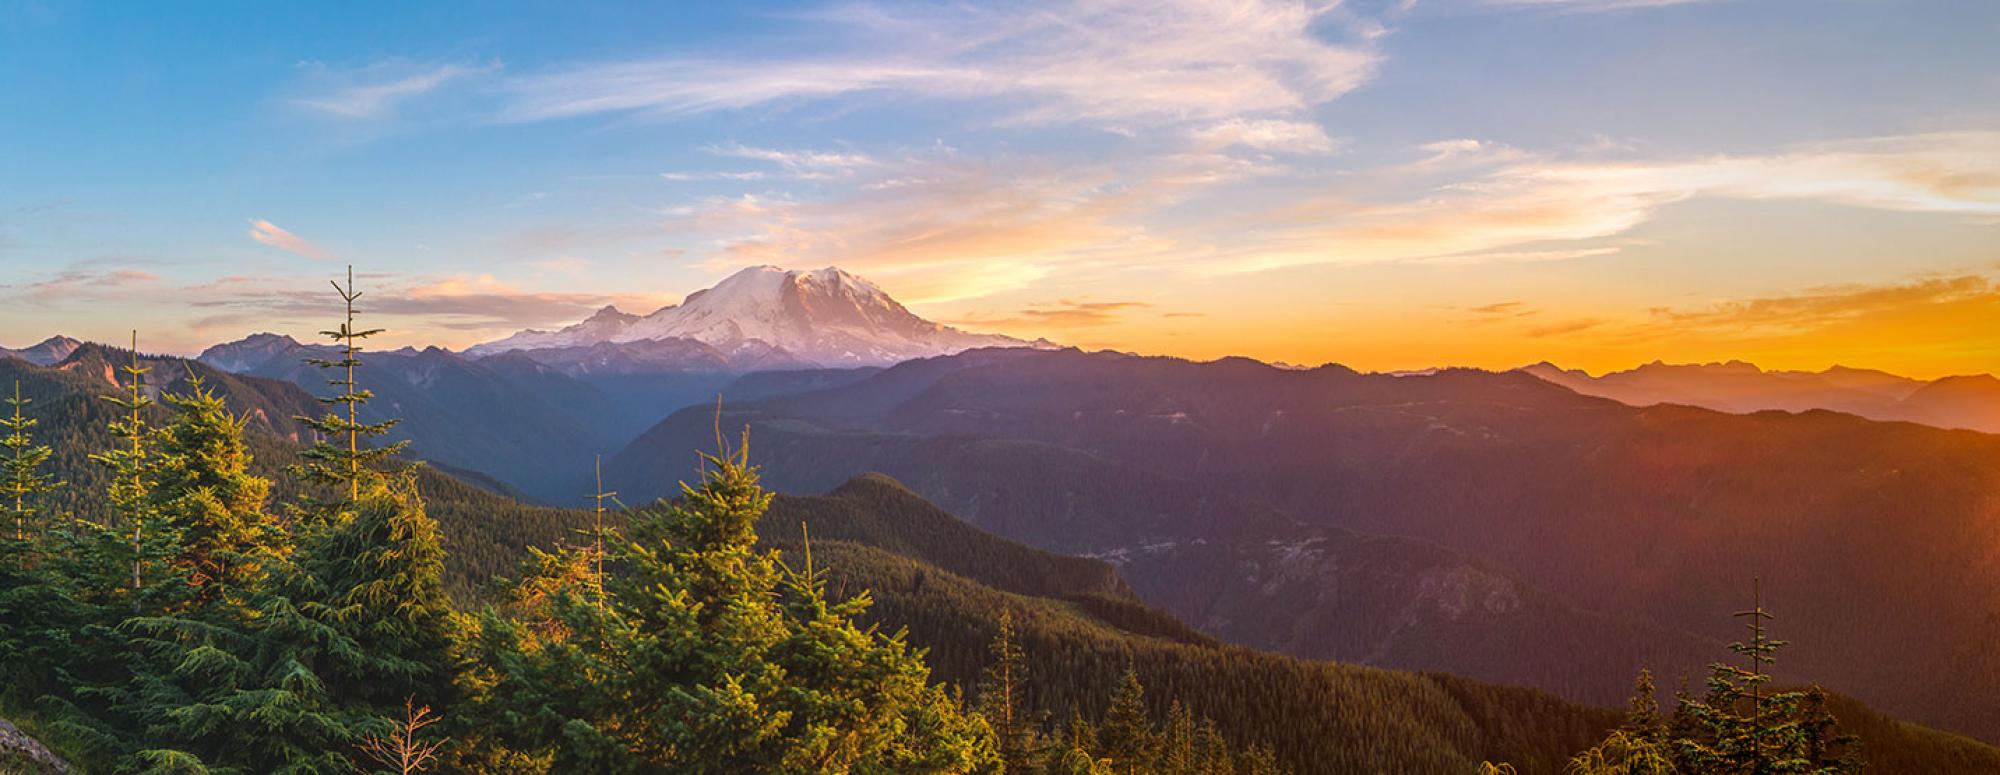 Rainier horizon